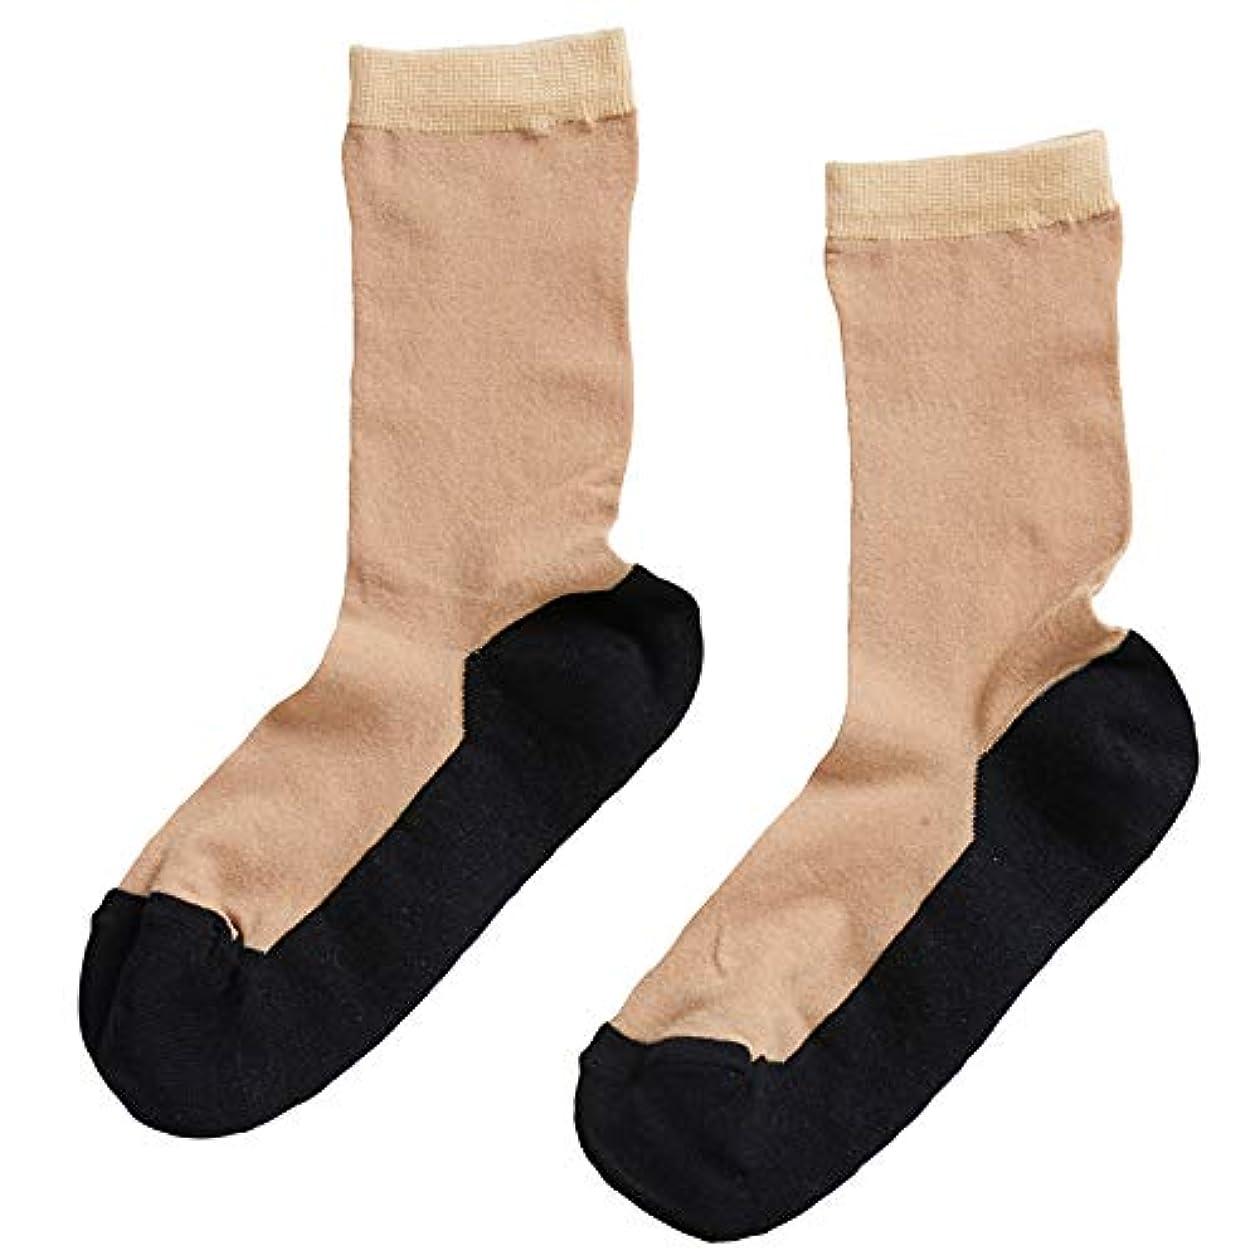 比較的いっぱいもろいストッキングソックス ショートストッキング風 靴下 9457◆2足セット ブラック